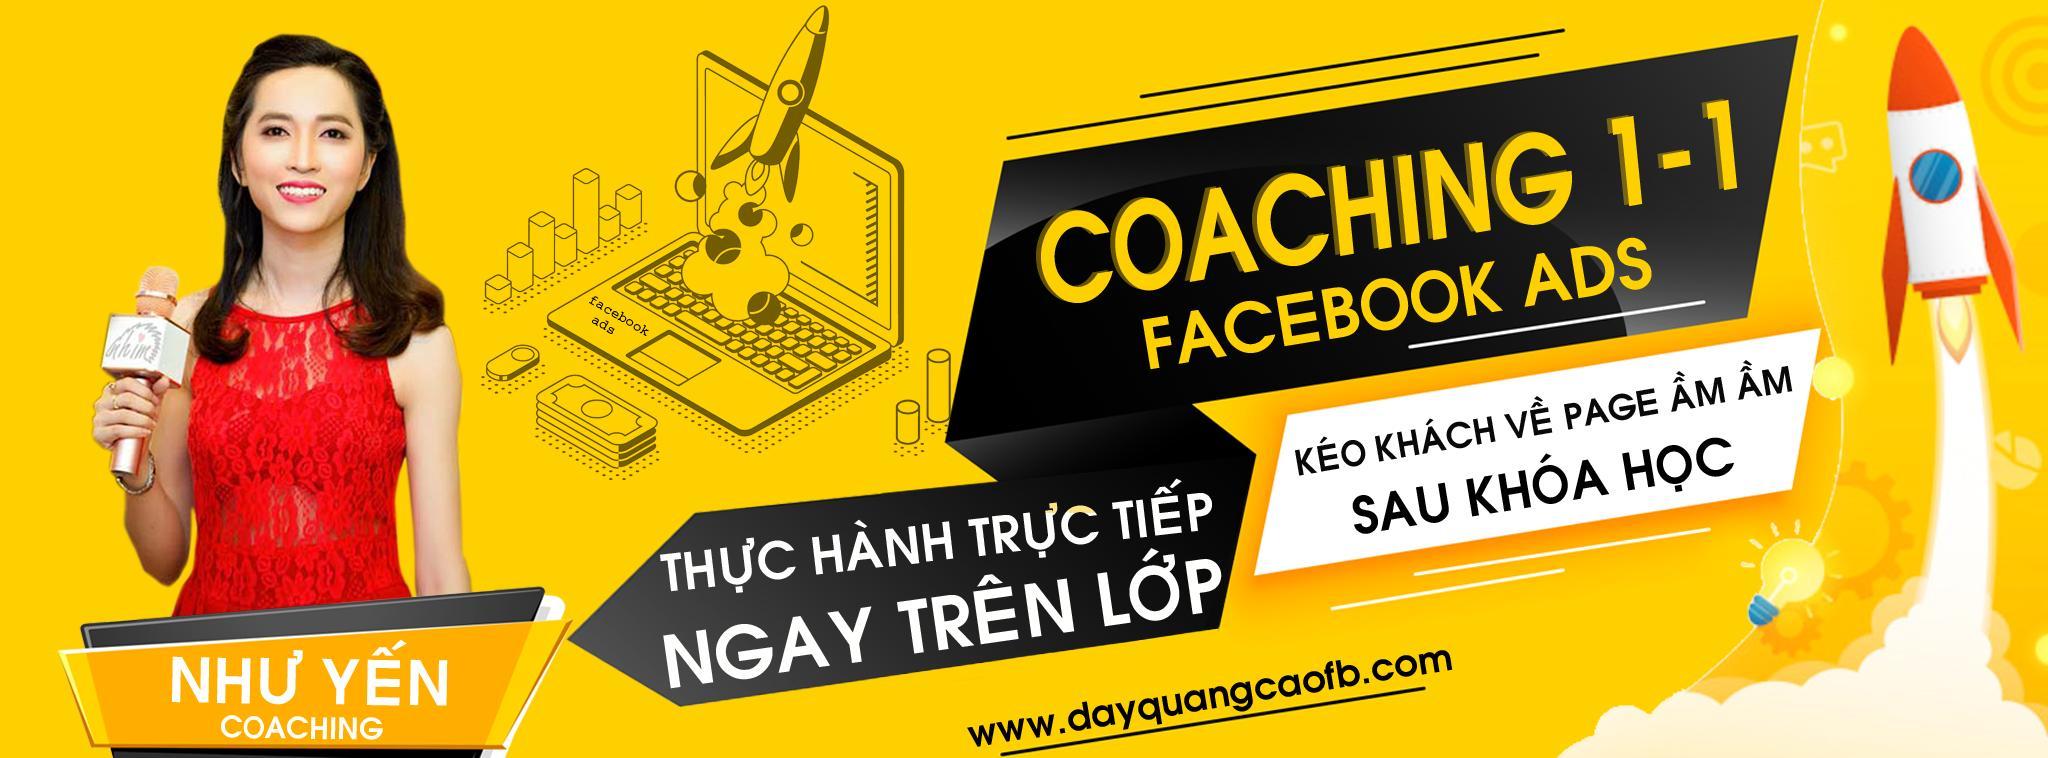 Khóa học quảng cáo Facebook Coaching 1 kèm 1